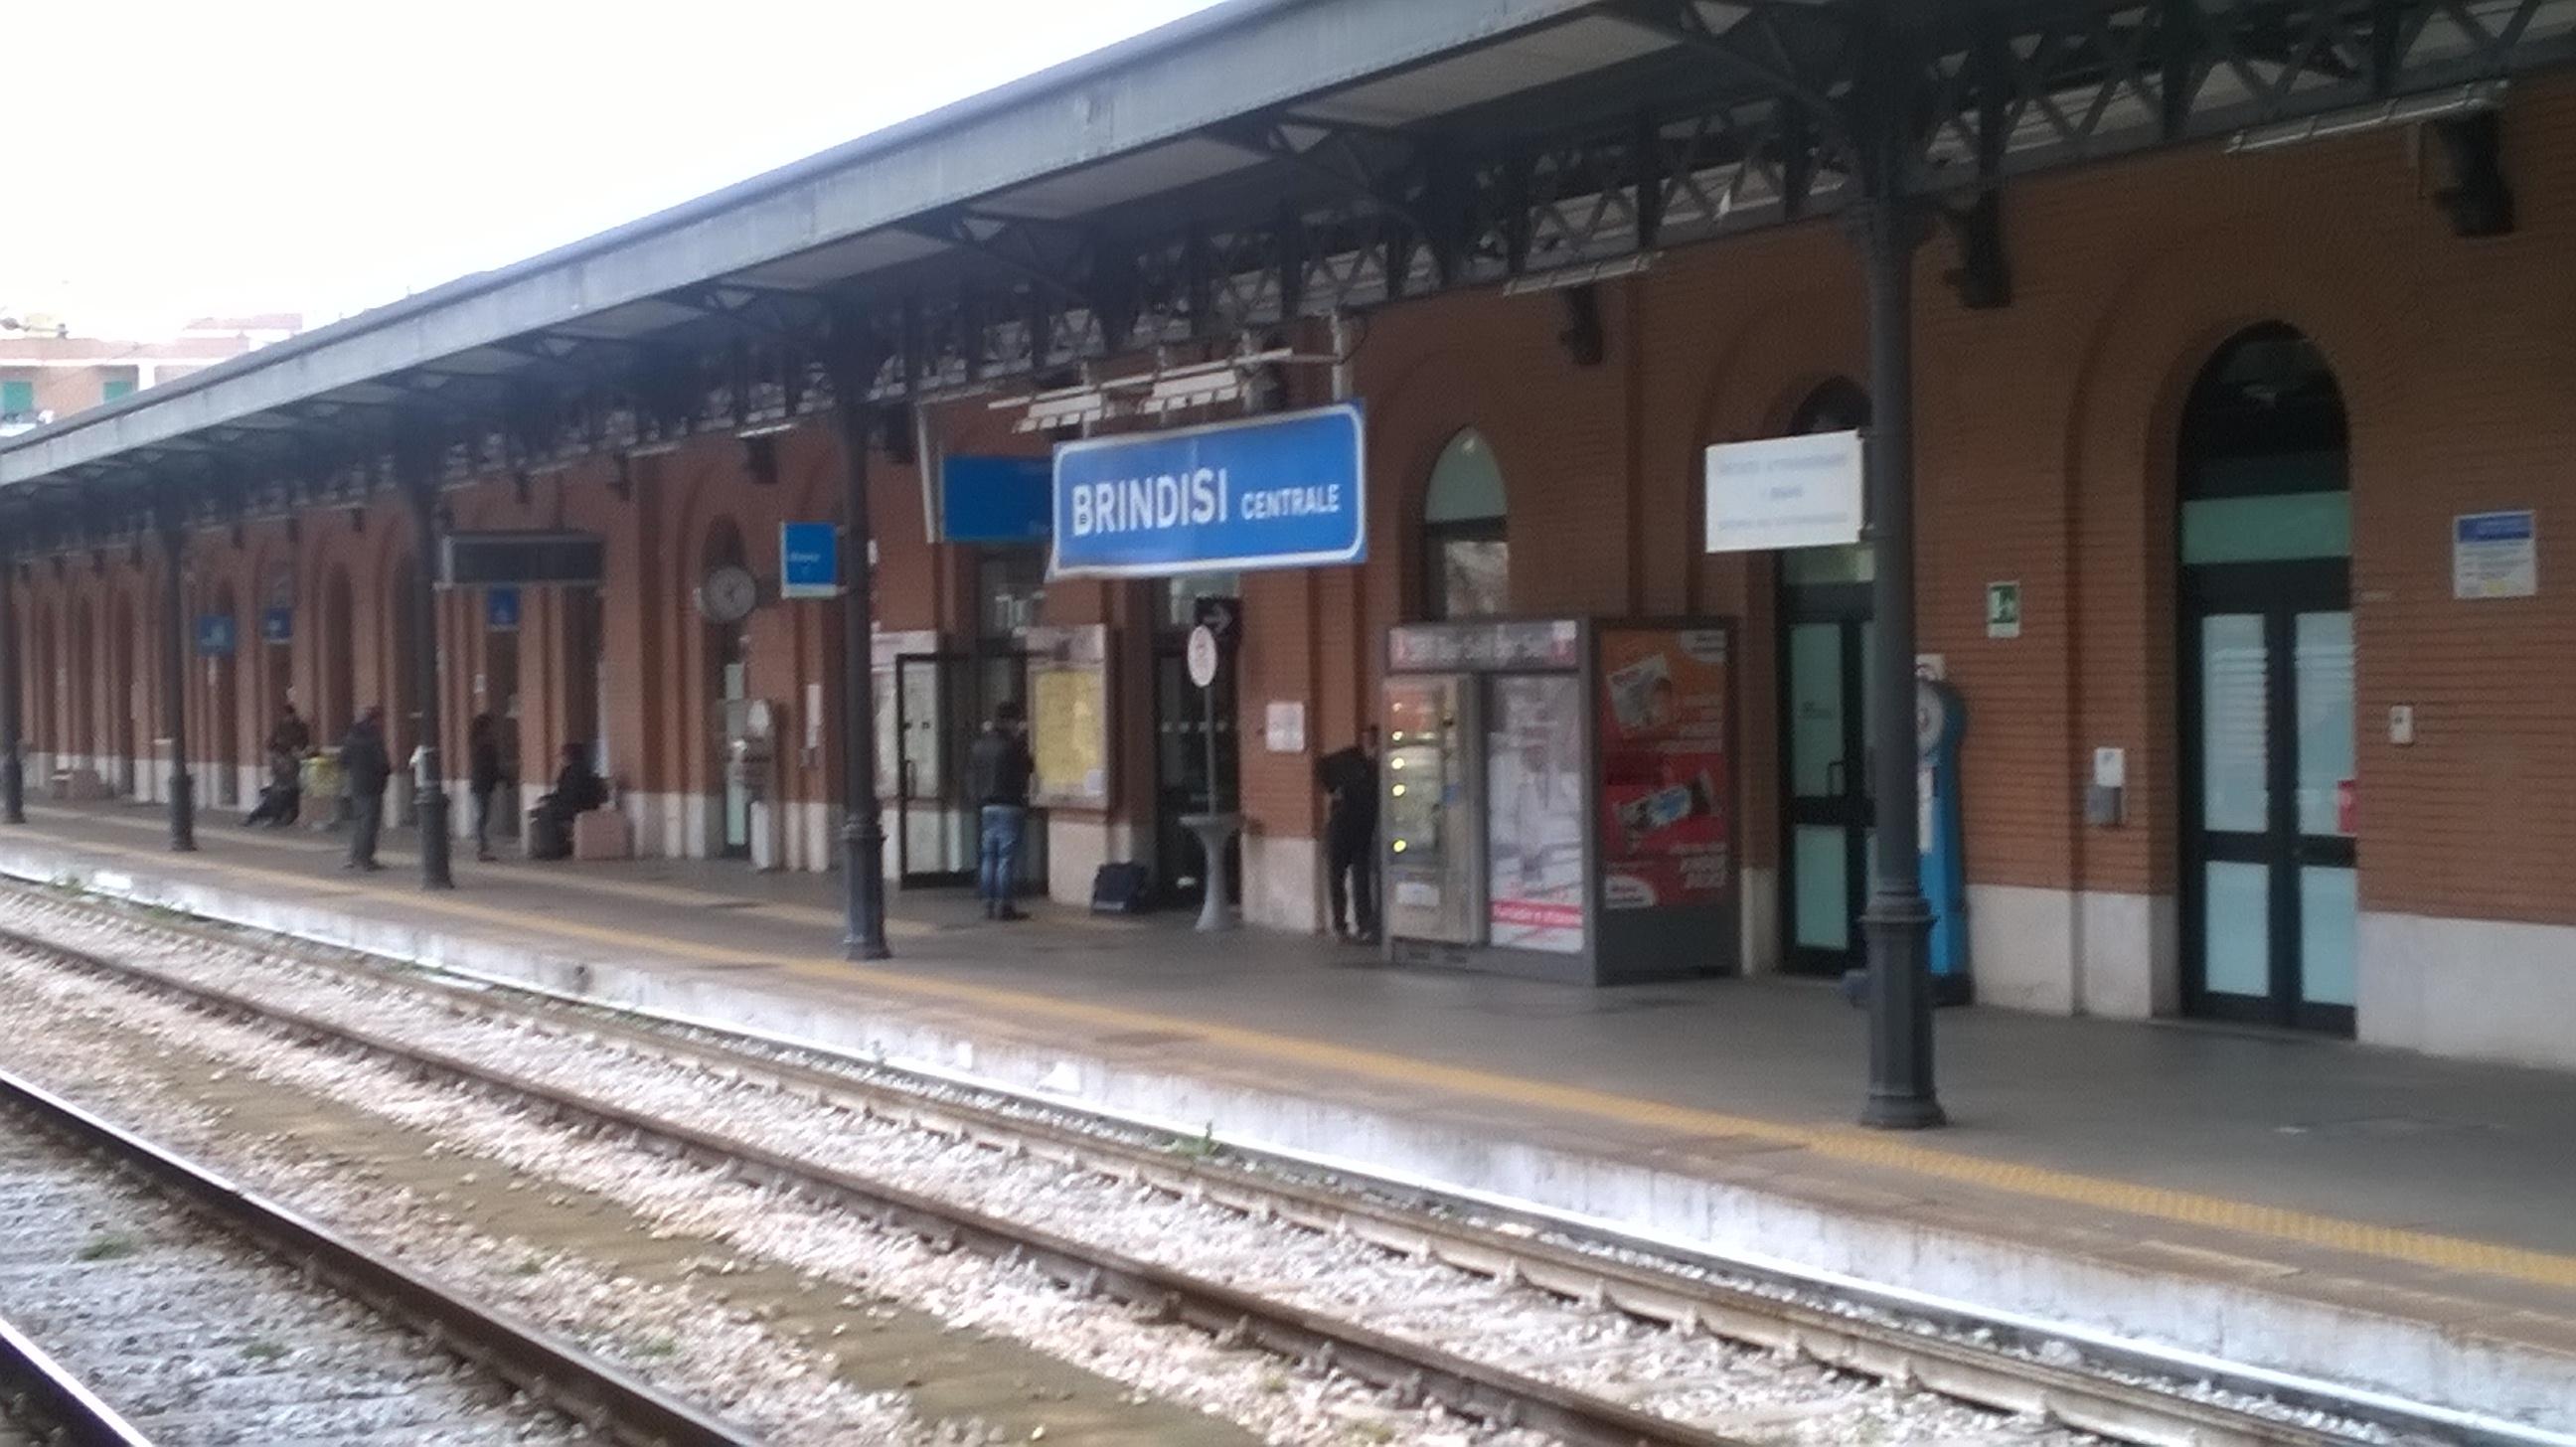 Tenta di salire sul treno in movimento: tranciati braccio e gamba